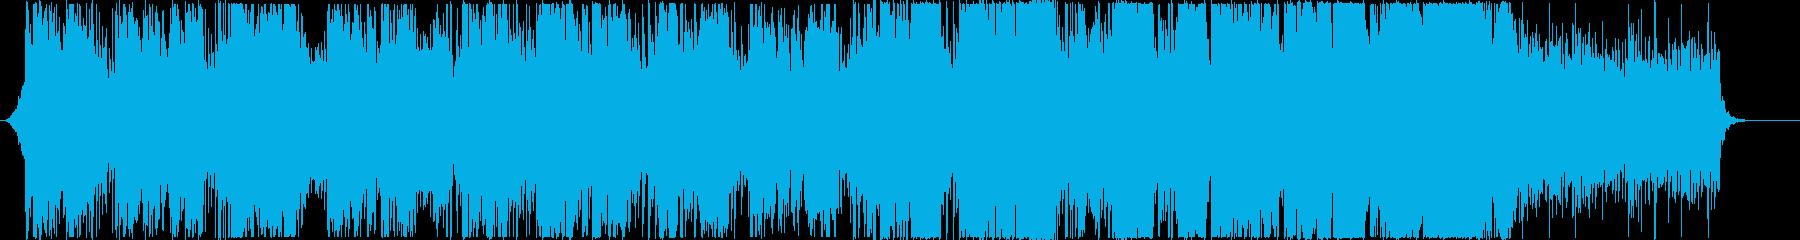 架空言語を歌うエレクトロニック系BGMの再生済みの波形